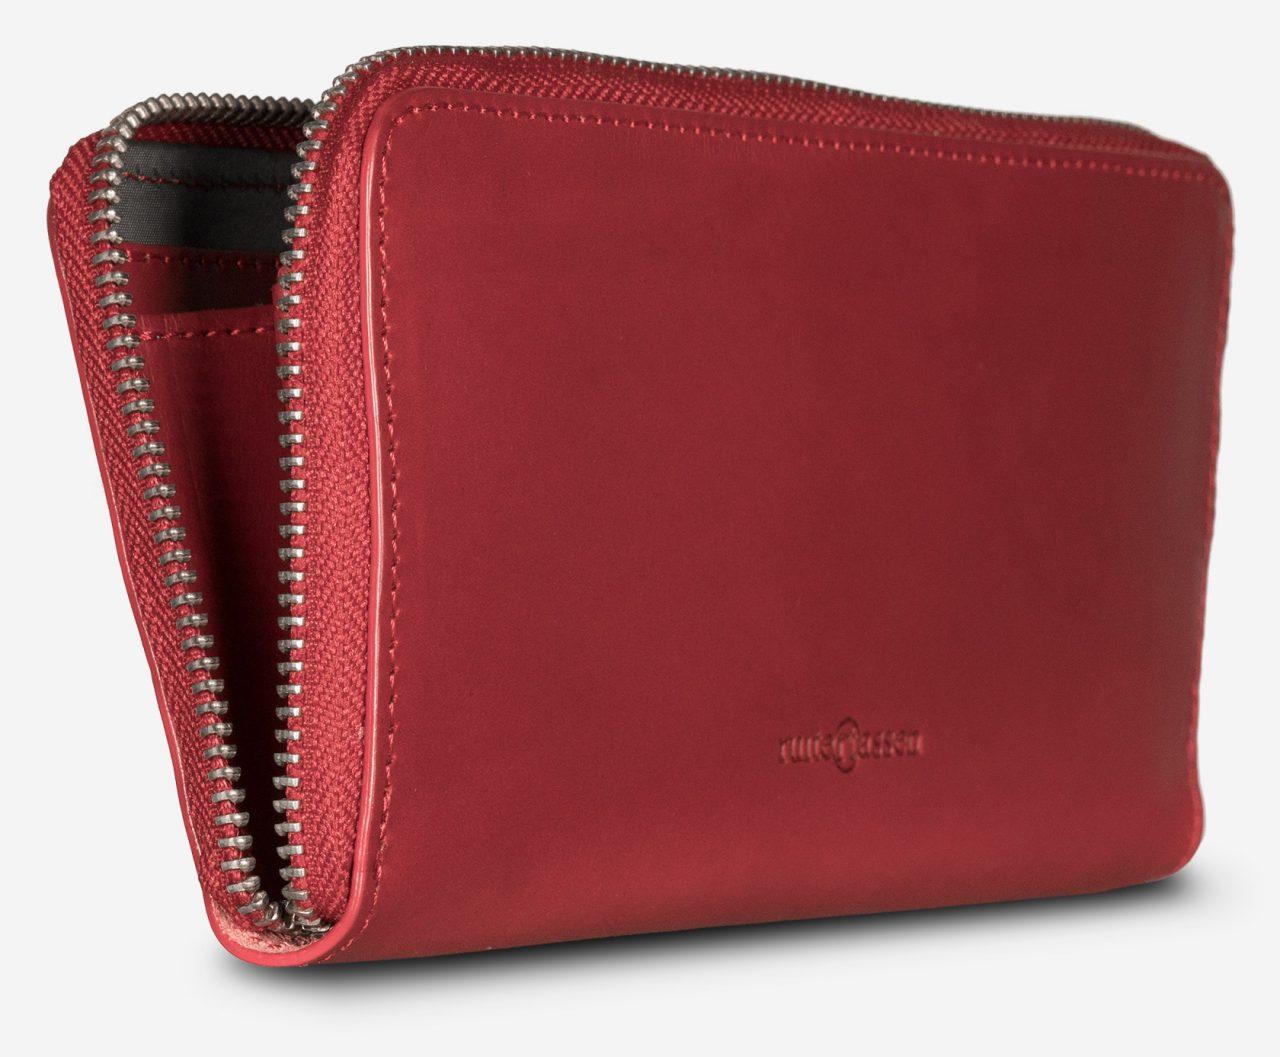 Long portefeuille en cuir rouge pour femme.